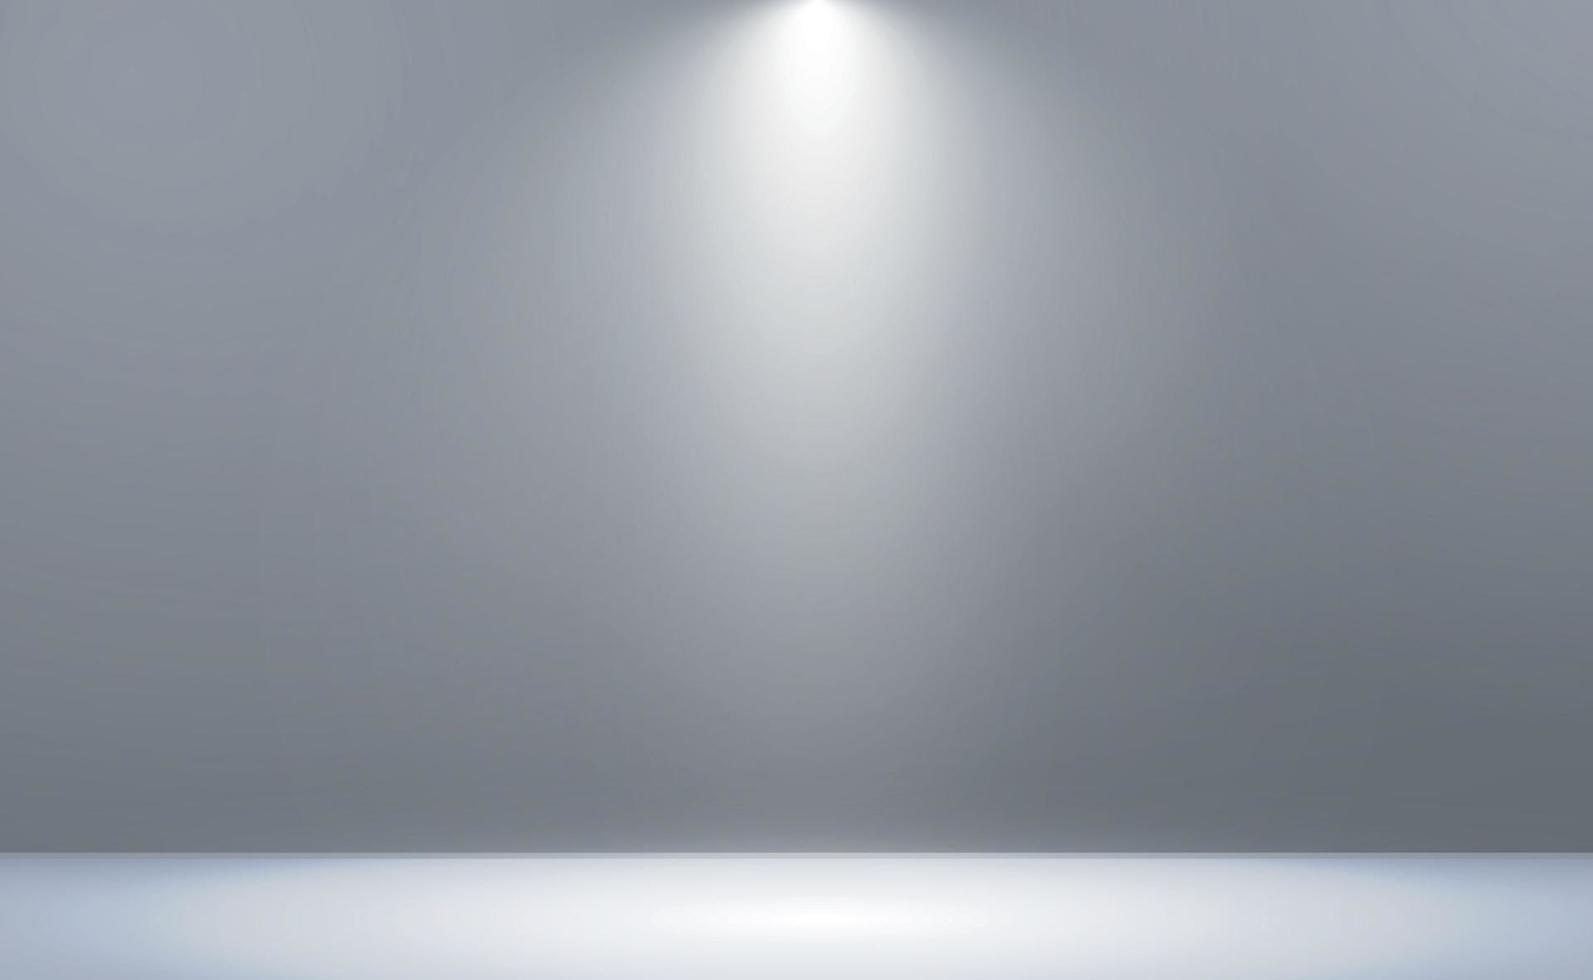 vit med grå panoramastudiobakgrund med vit glöd - vektor